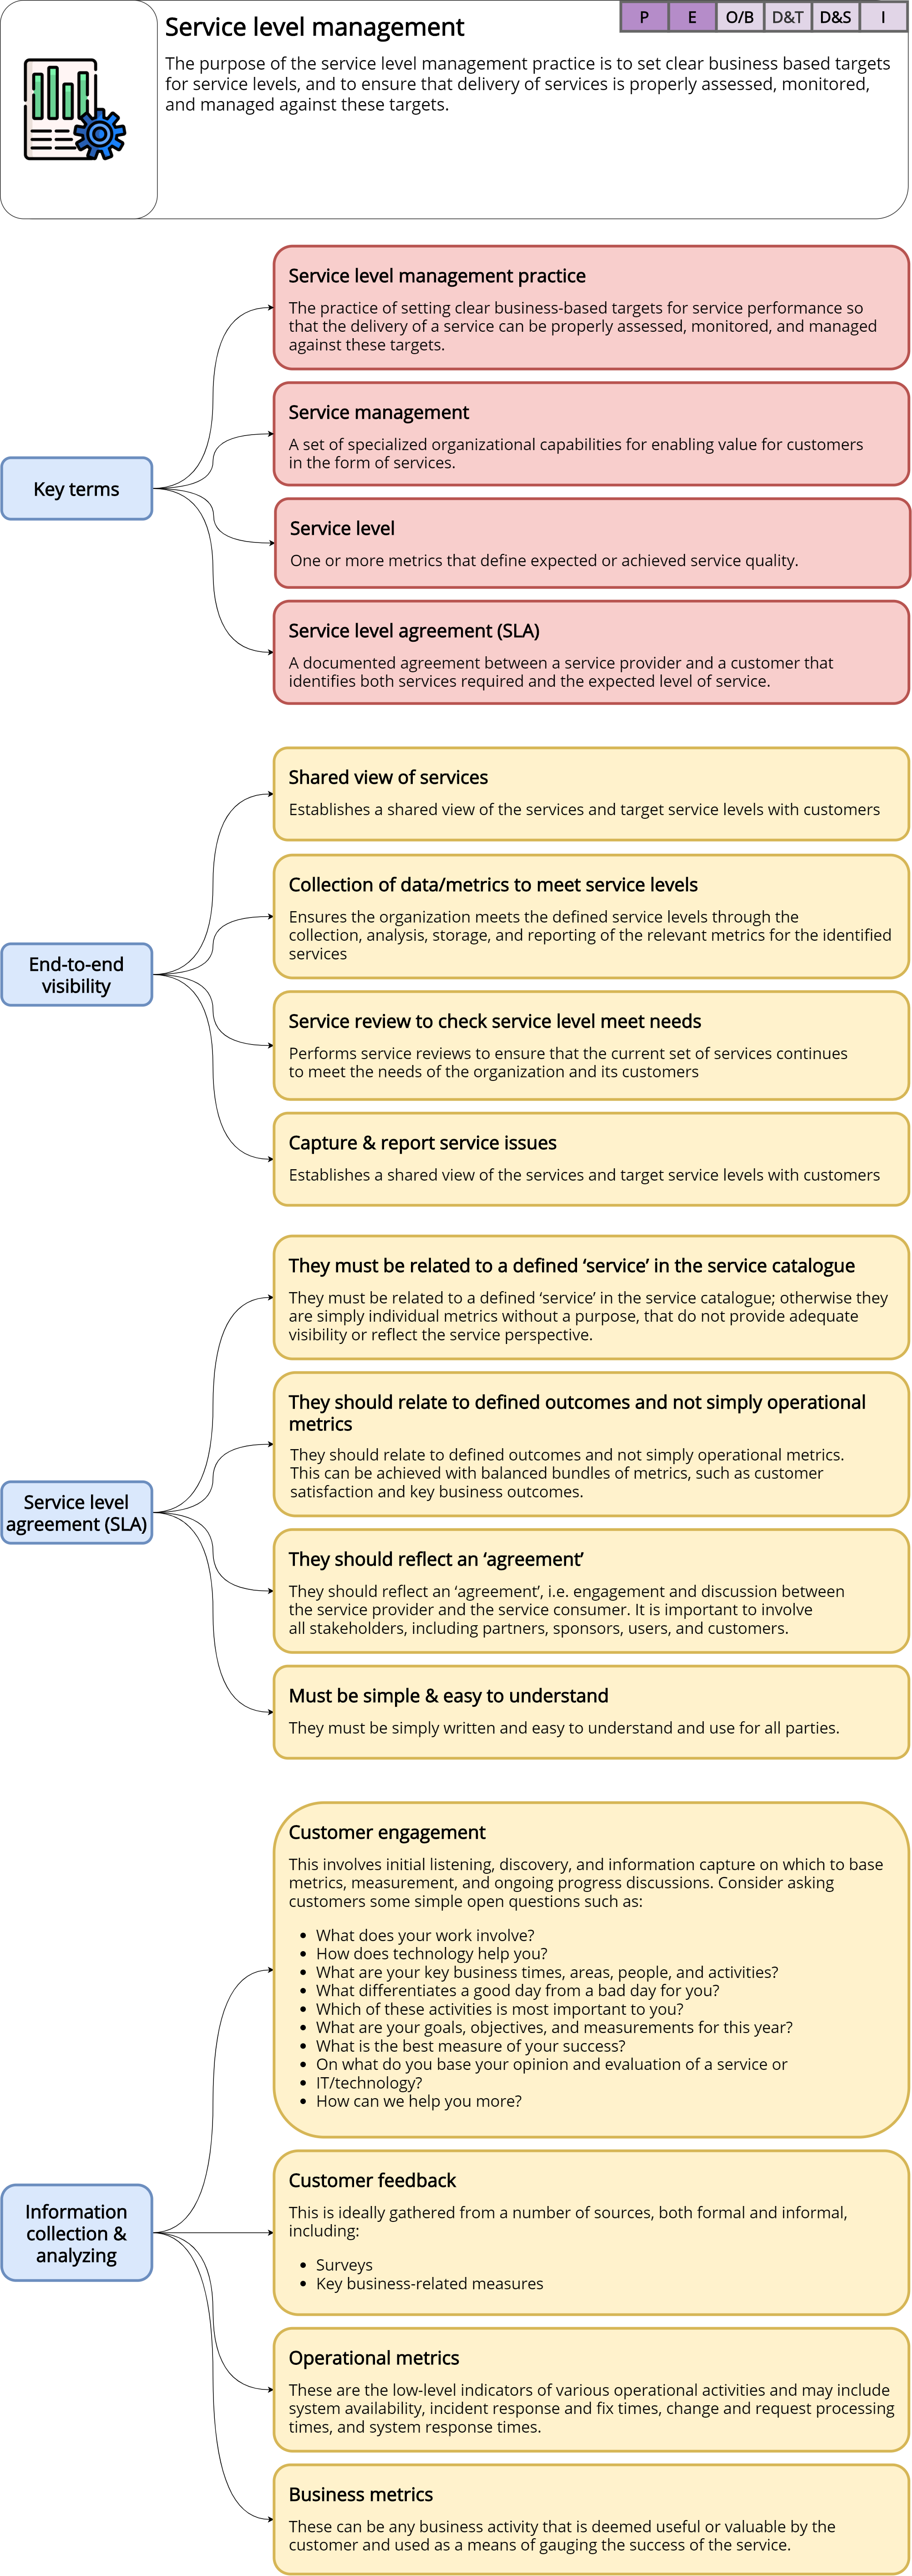 Service level management – ITILv4